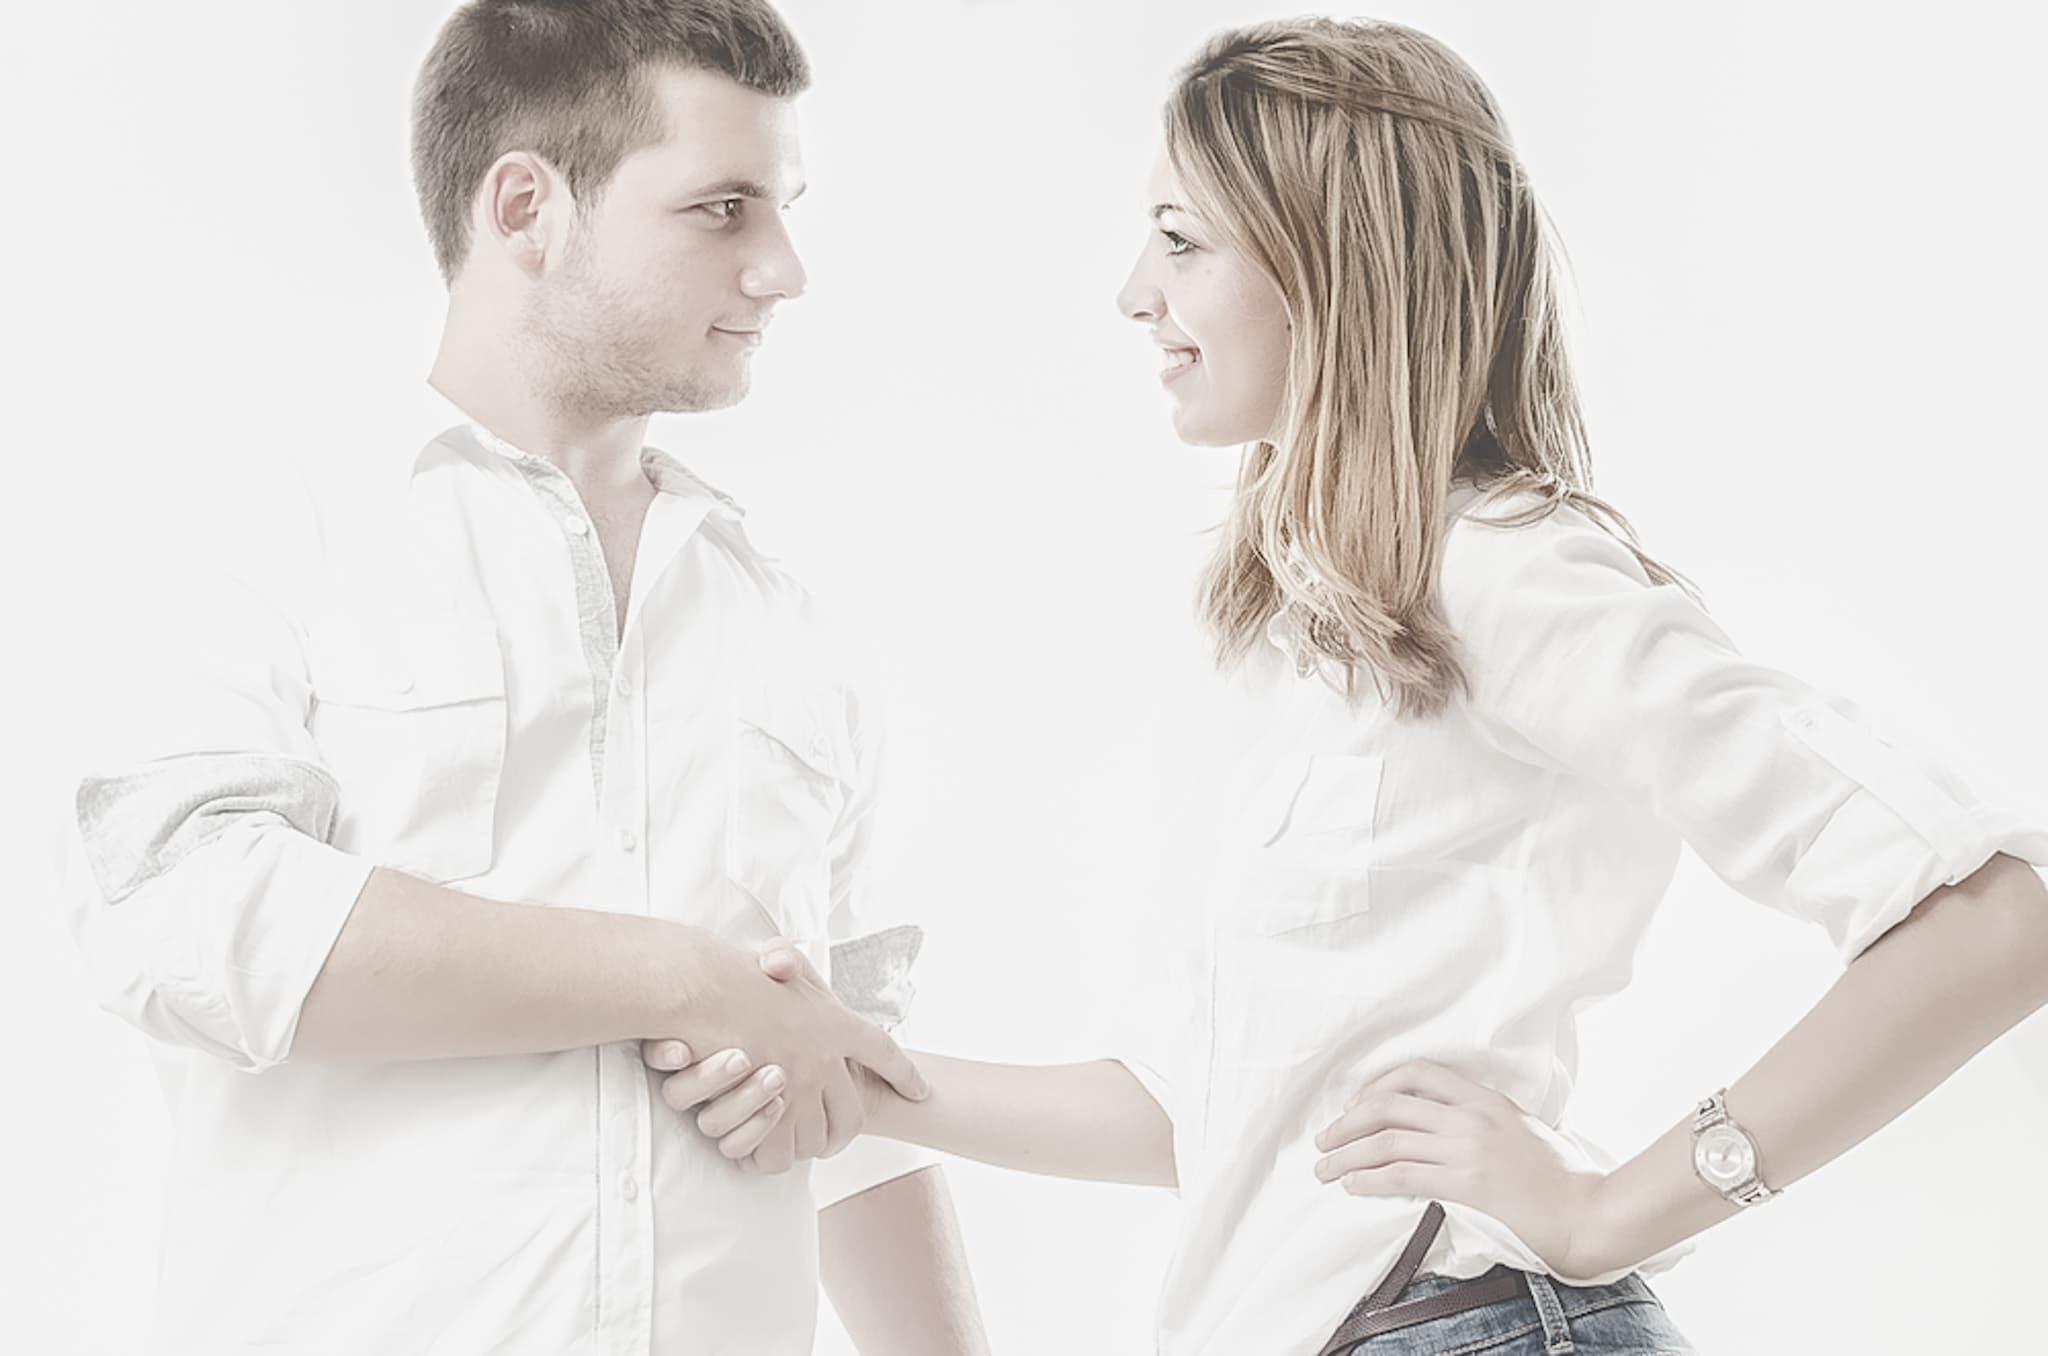 Les pièces à fournir à votre avocat pour engager une procédure de divorce amiable (divorce par consentement mutuel)